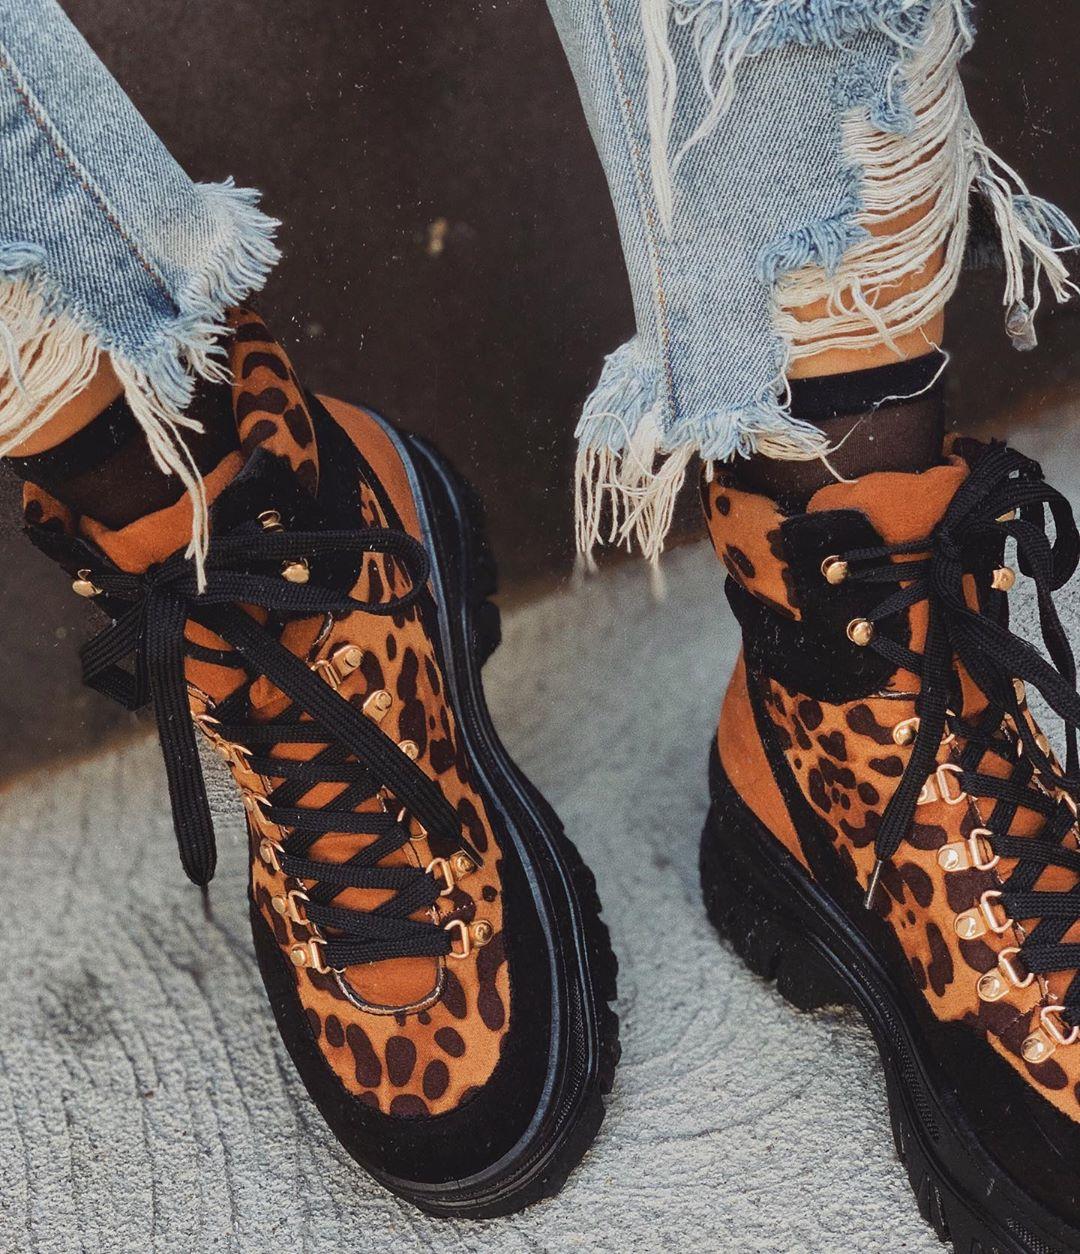 Зимние ботинки 2020 фото 7